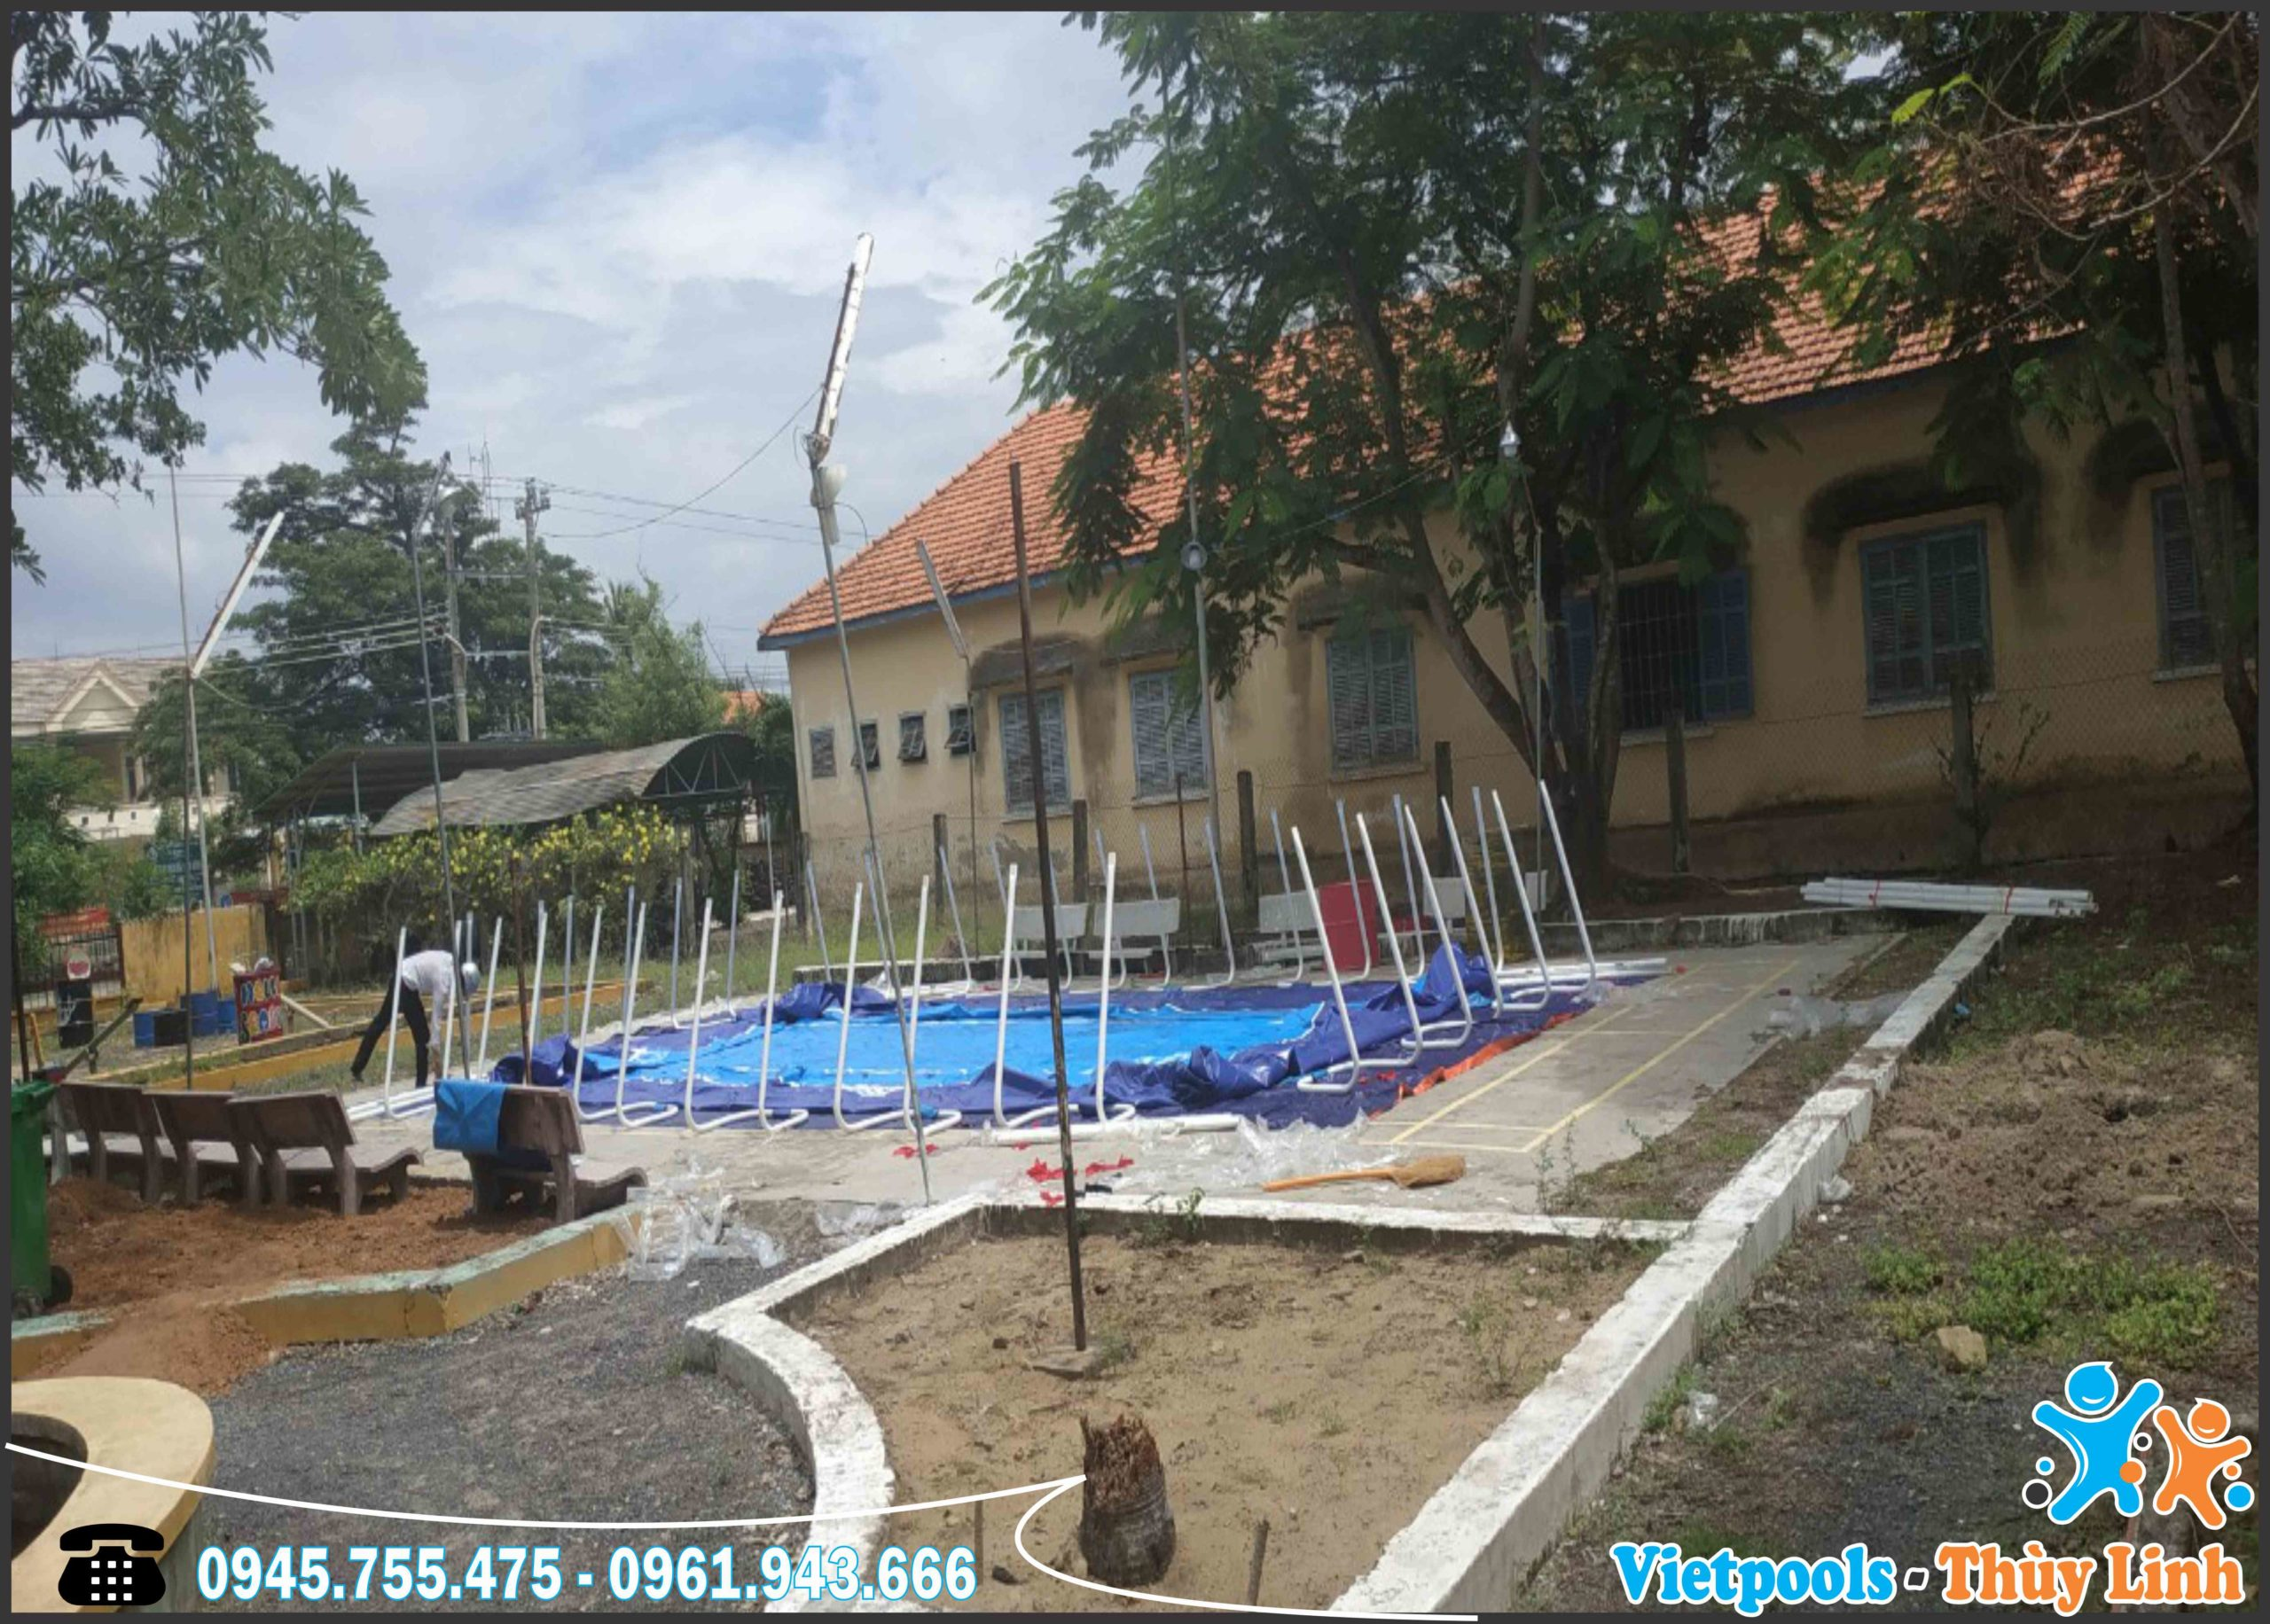 Bể Bơi Lắp Ghép Khung Kim Loại Tại Đà Nẵng KT 6.6mx12.6m - 2020 6